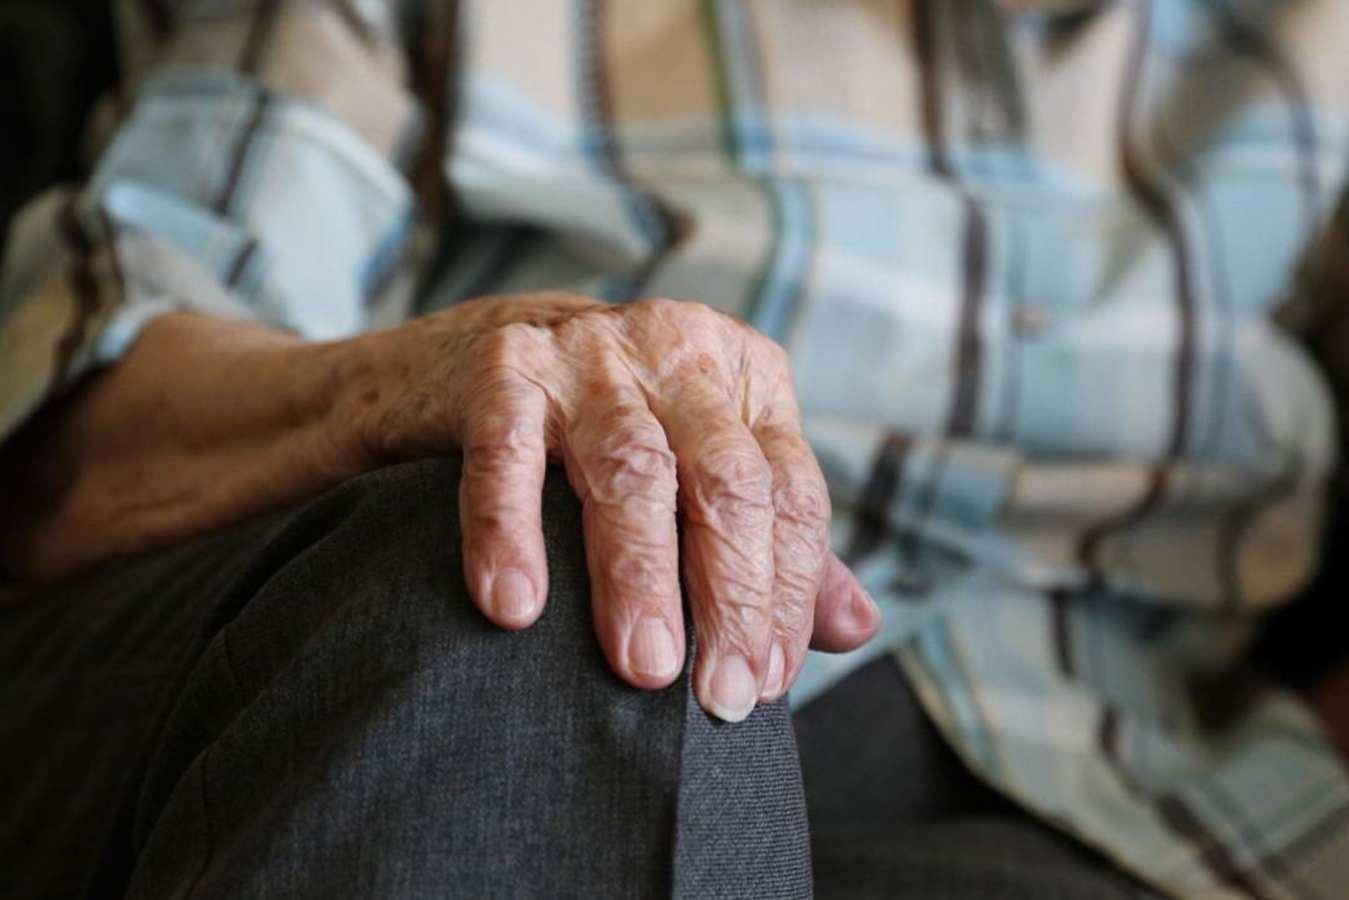 Banco não poderá ofertar crédito a aposentados